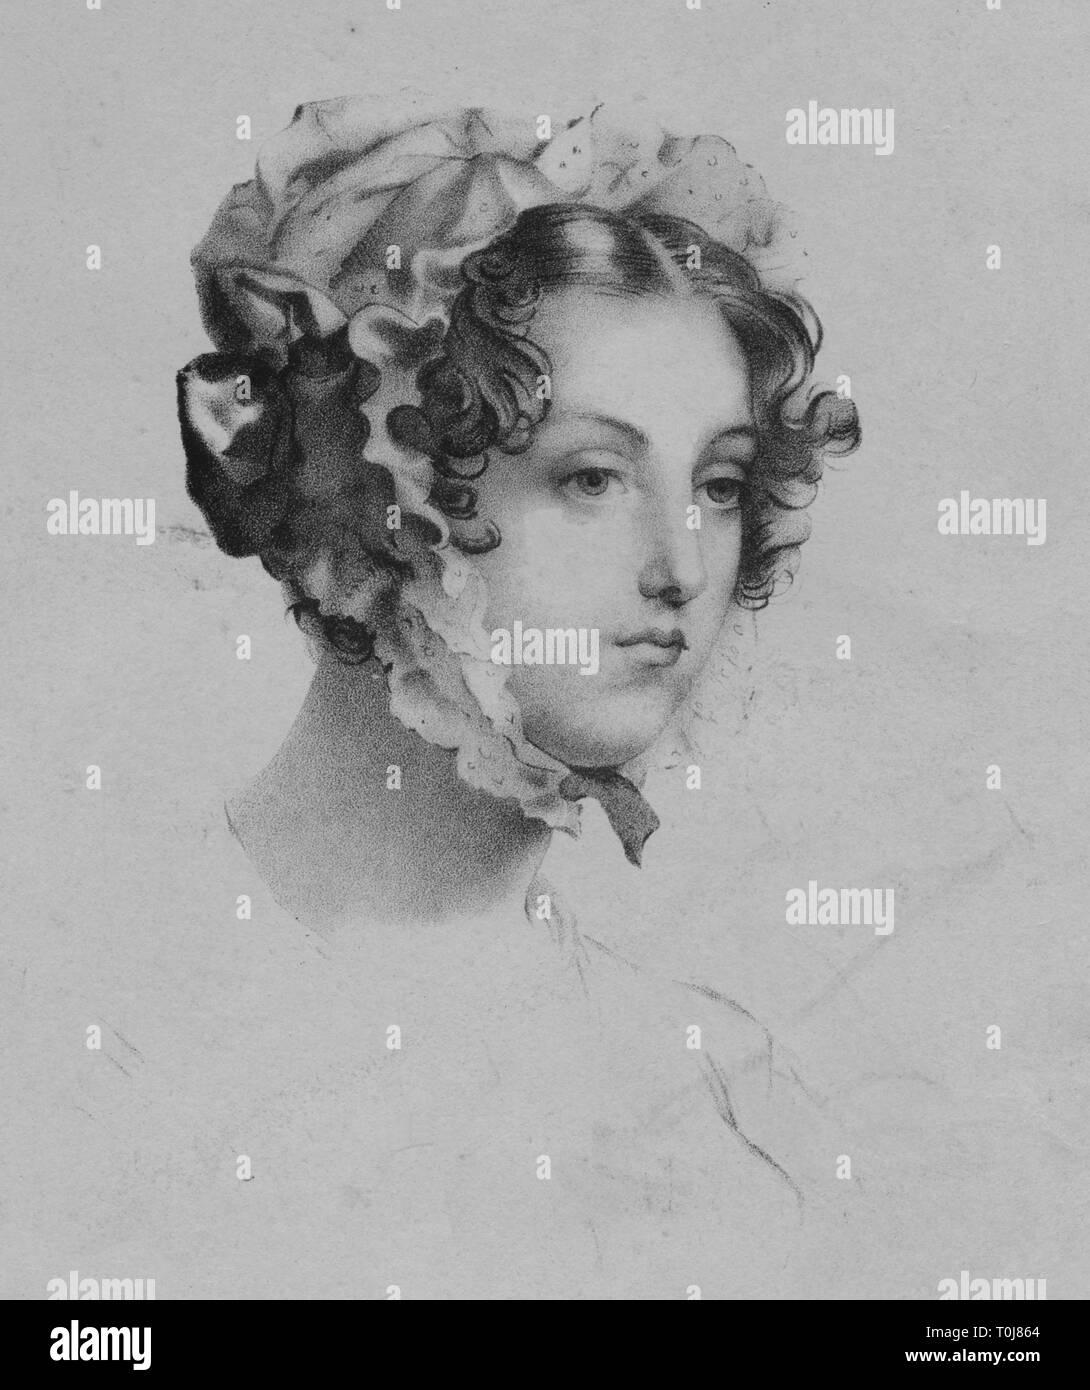 Woman wearing a bonnet, 1820s. 'Fac-simile d'un dessin de Girodet-Trioson', (facsimile of a drawing by Girodet-Trioson). [Chaillou-Potrelle, Paris, c1825] - Stock Image